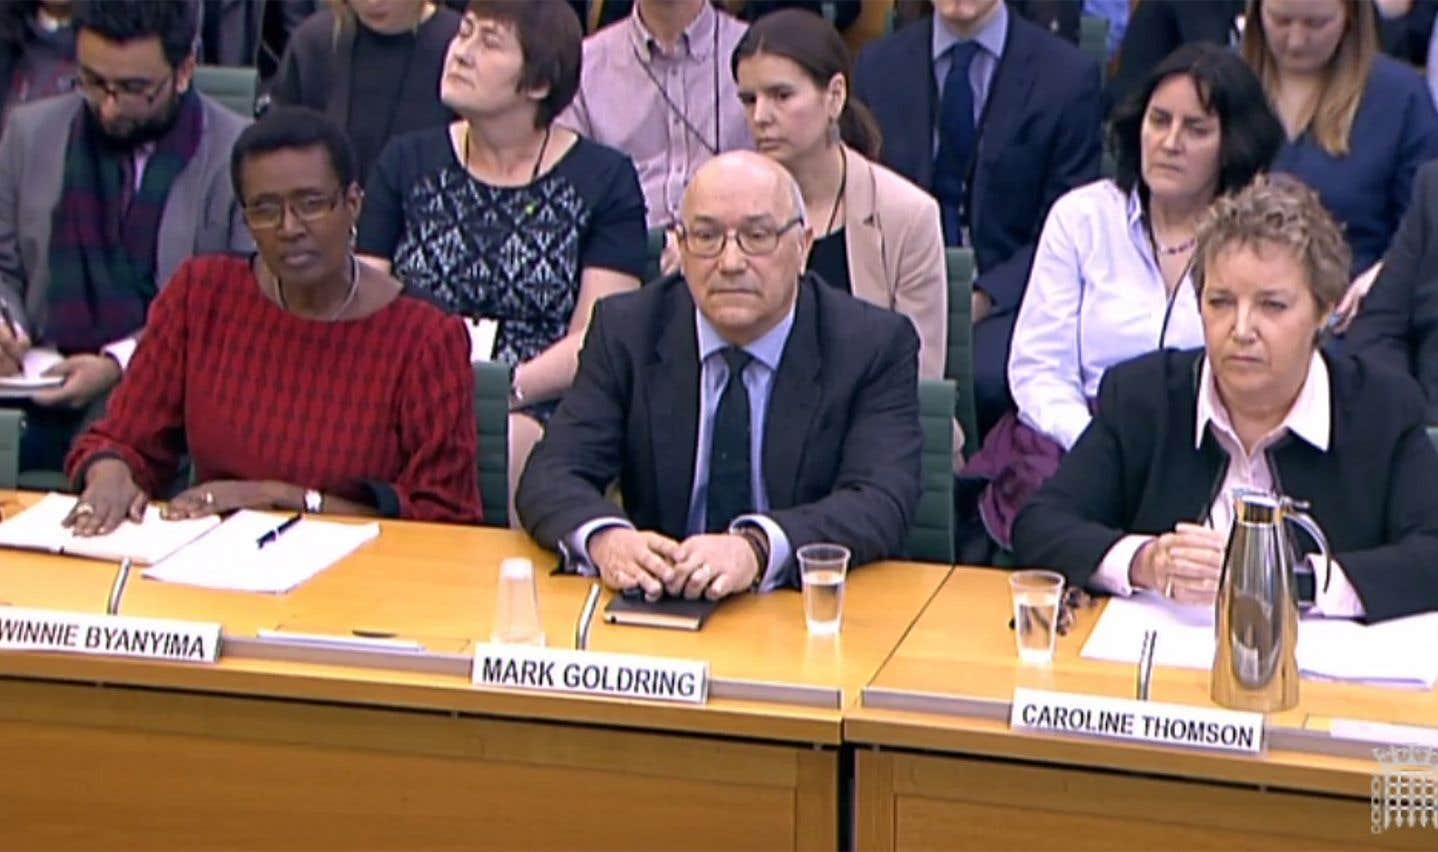 Le directeur général d'Oxfam au Royaume-Uni, Mark Goldring, la présidente du conseil d'administration, Caroline Thomson, et la directrice générale d'Oxfam international, Winnie Byanyima, ont comparu mardi devant le Parlement britannique.